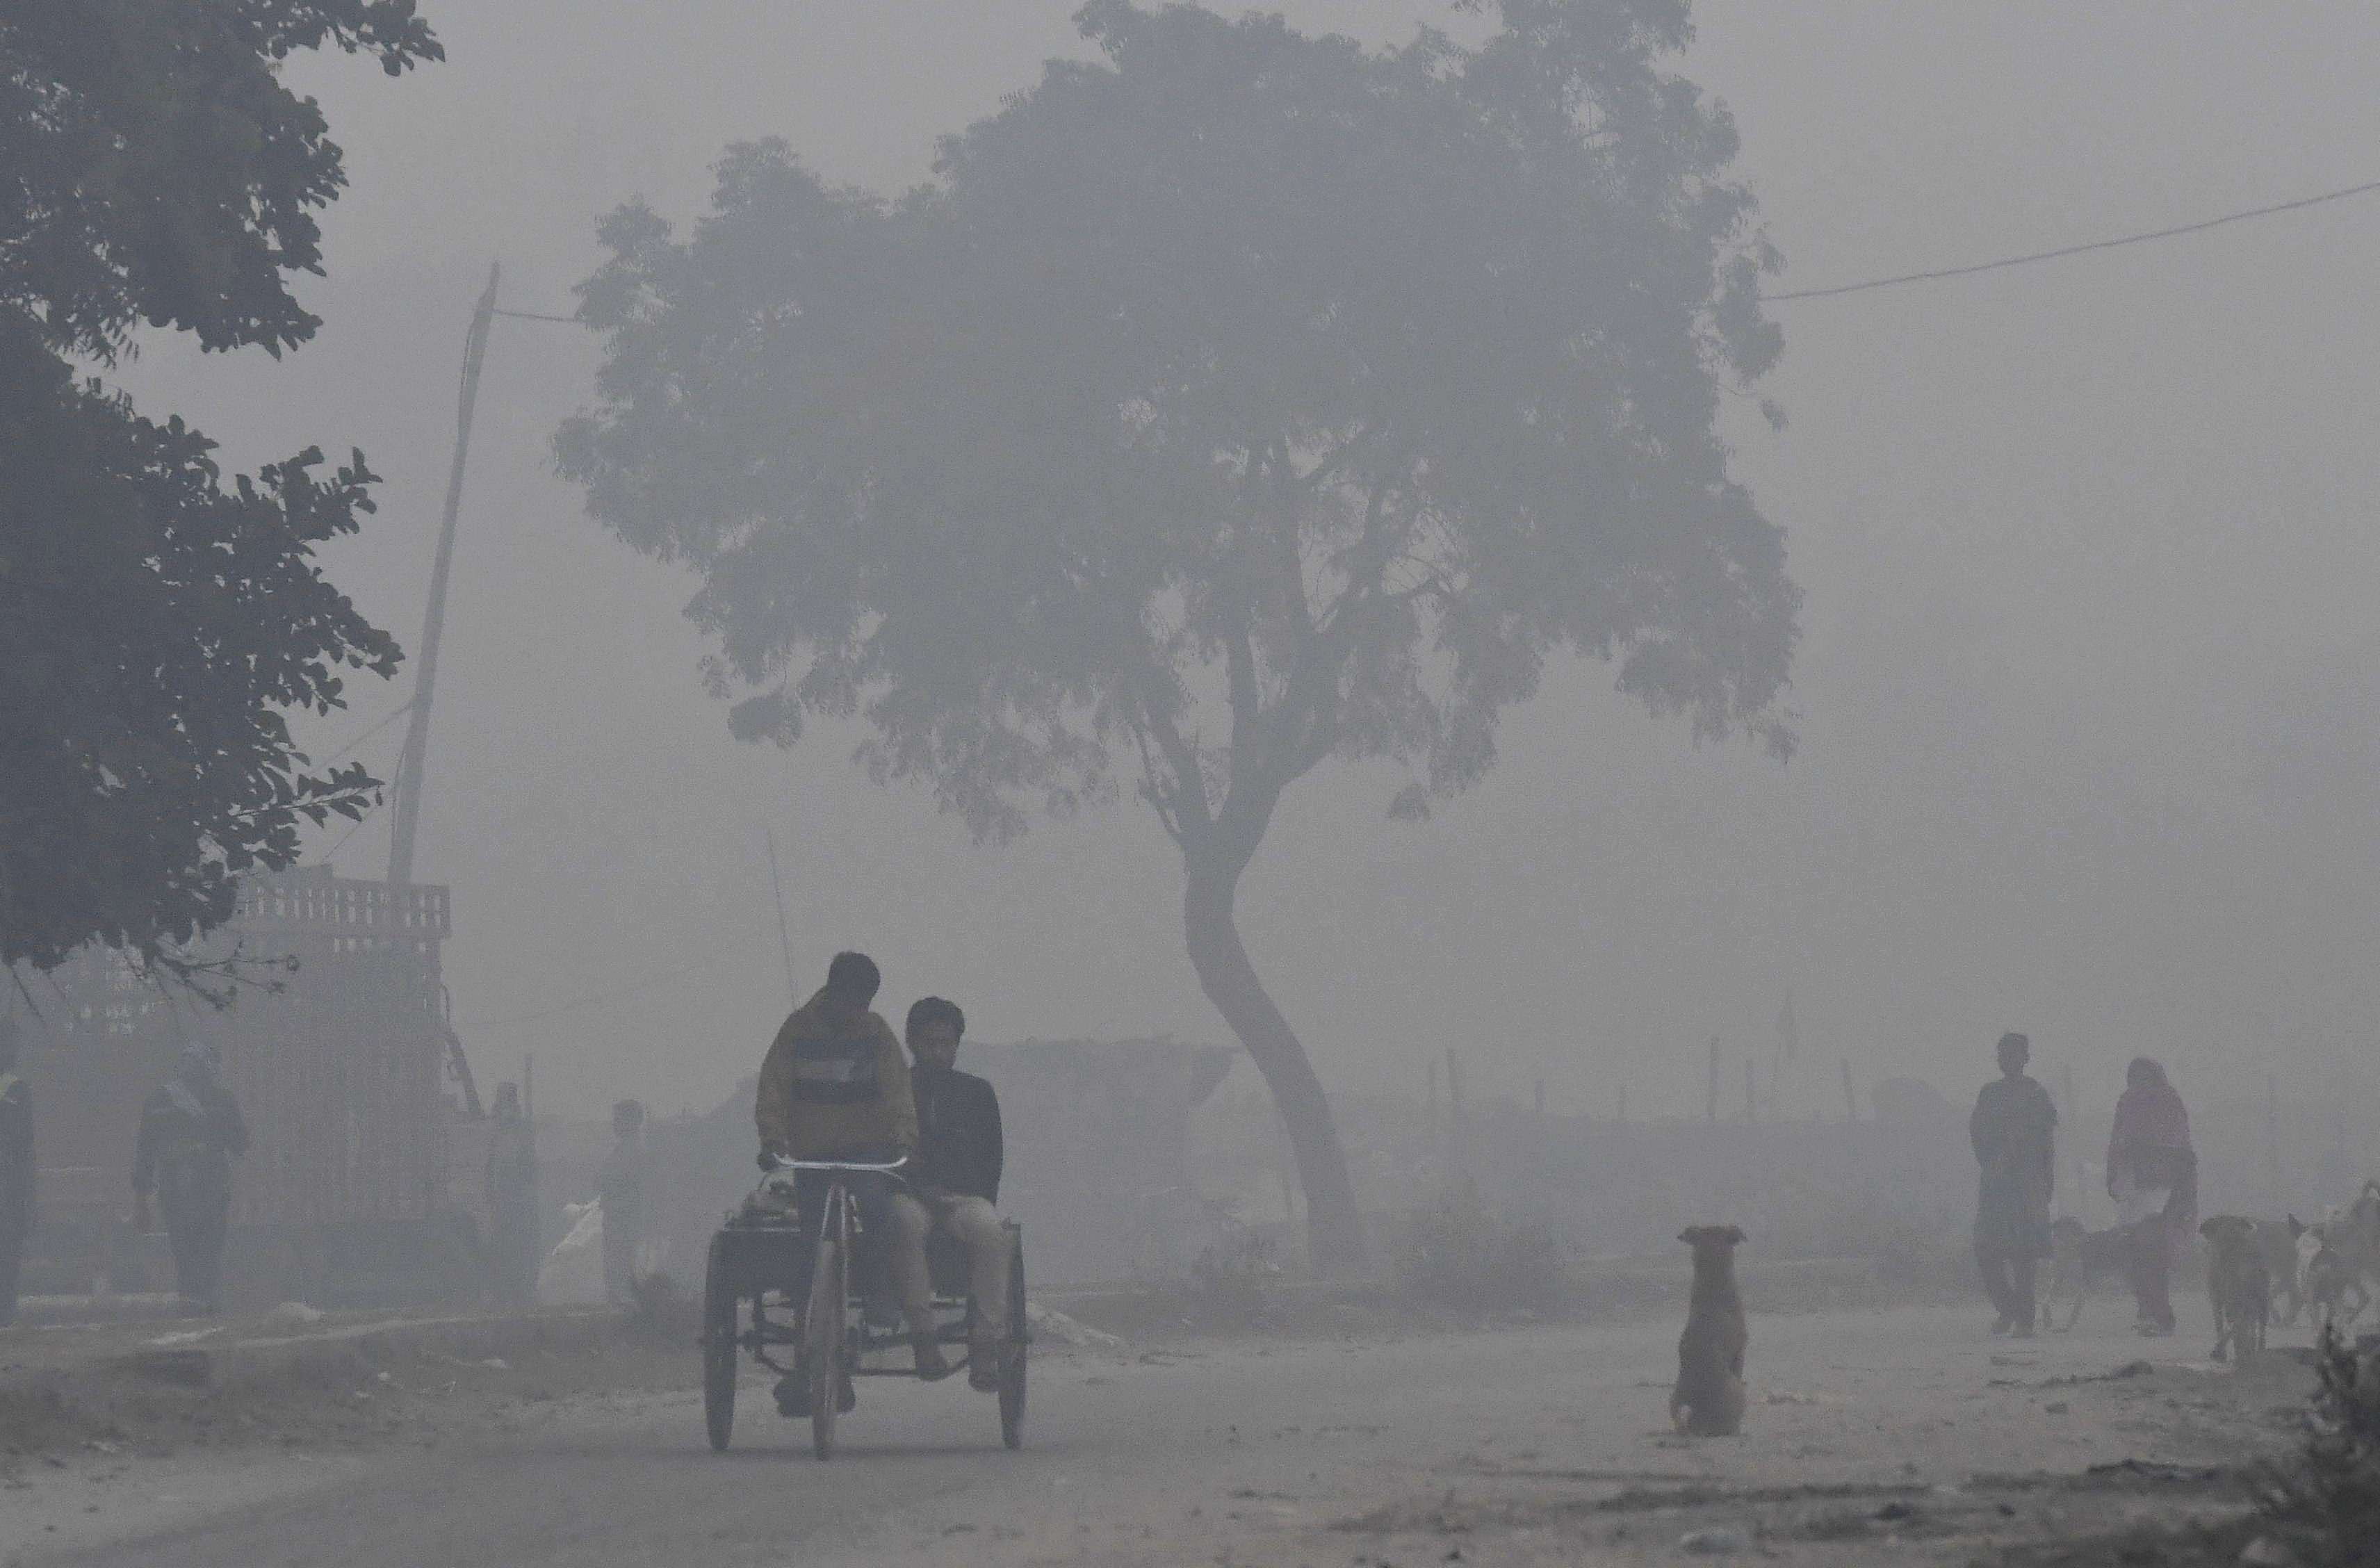 Nem tudnak felszállni a szmog miatt a szmog ellen bevetendő helikopterek Delhiben